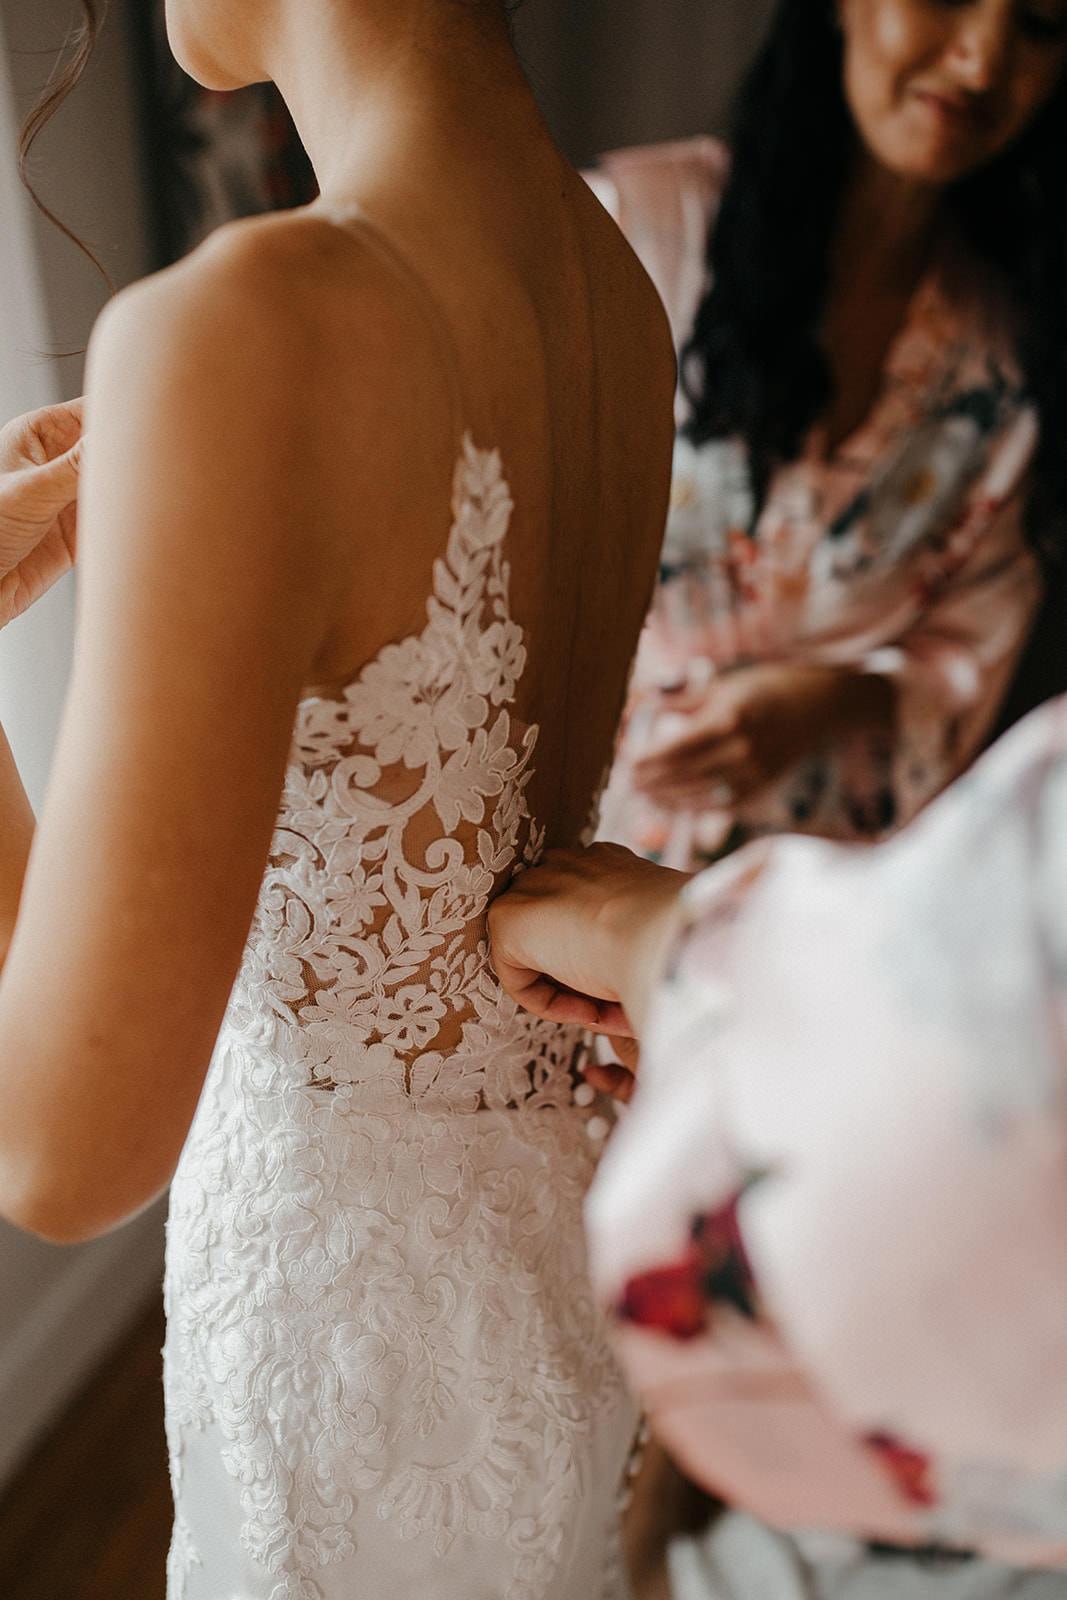 Kualoa_Hawaii_wedding_paliku11.jpg